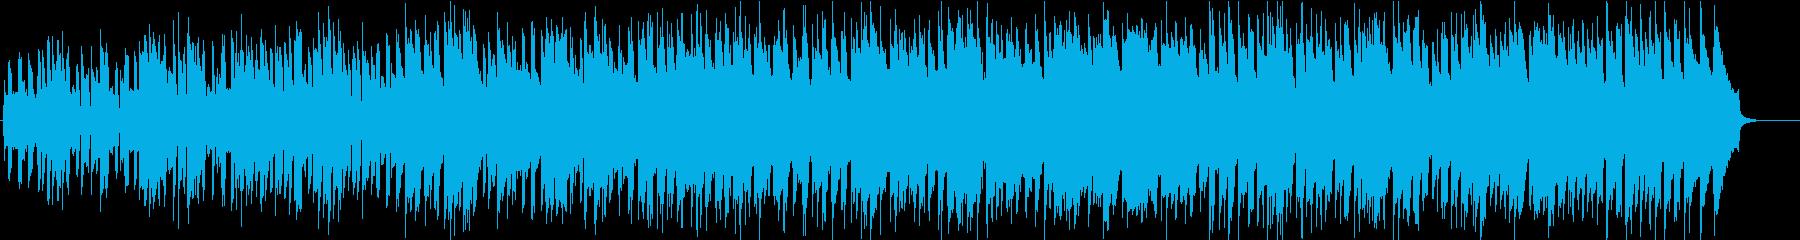 情熱的な楽観的なノスタルジックなピアノの再生済みの波形